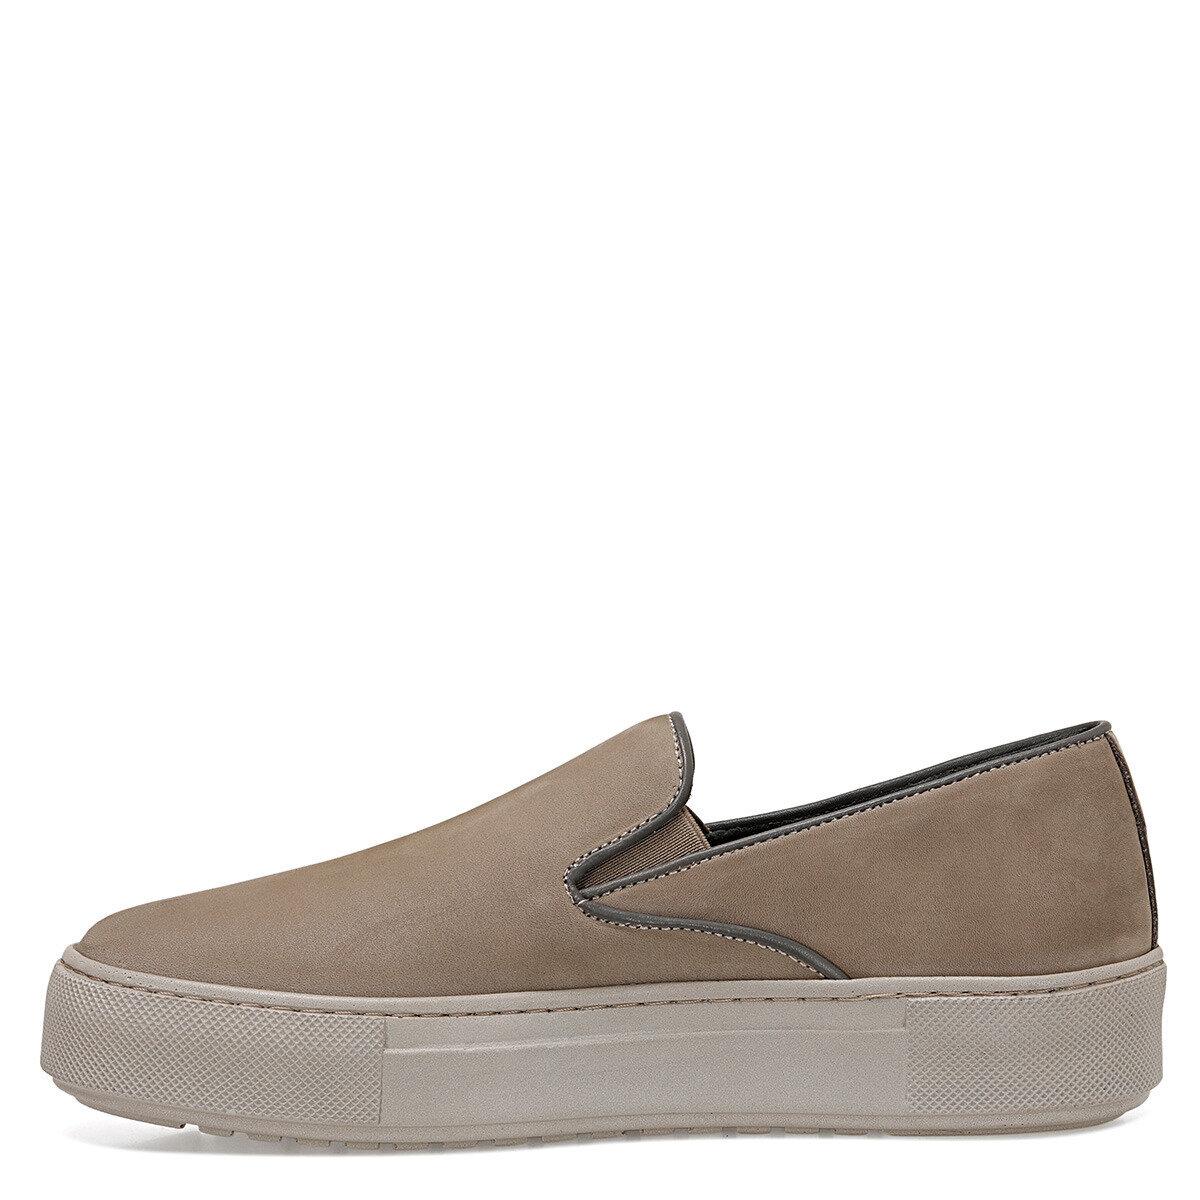 SADEMO Vizon Kadın Slip On Ayakkabı